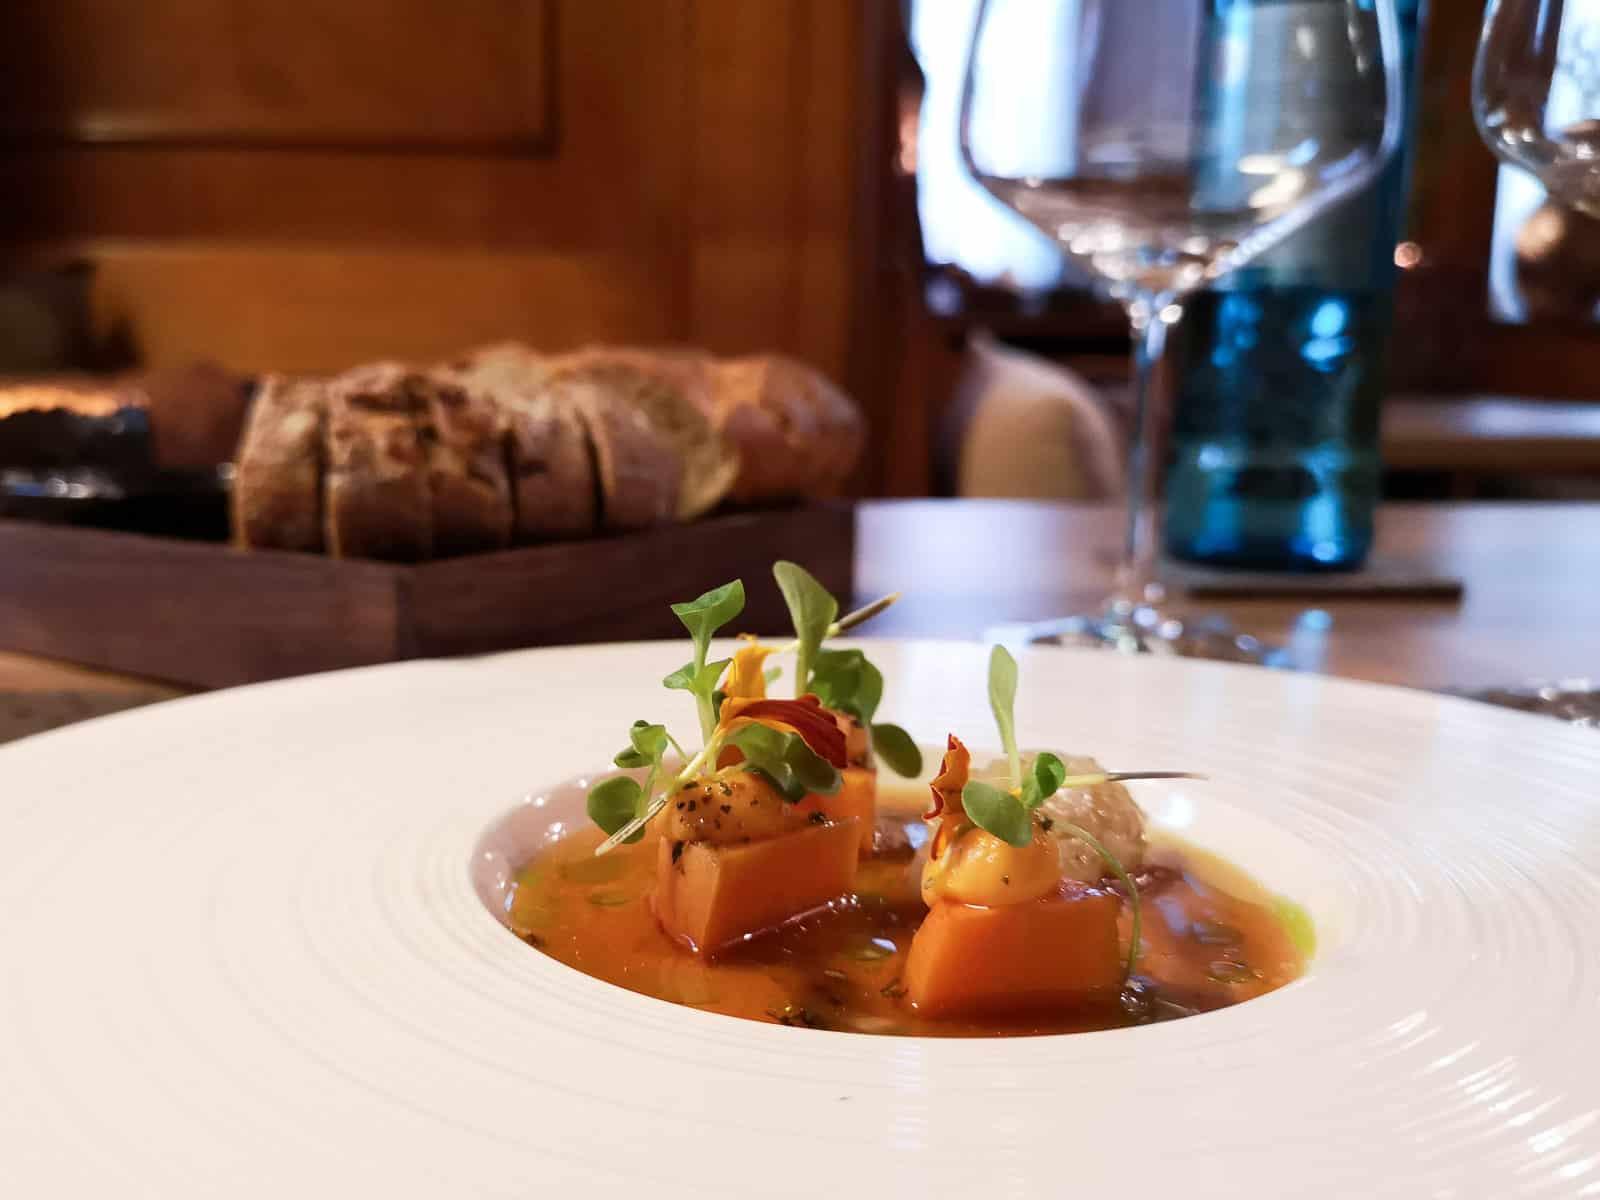 Wunderbar Rund Küche Speise Setzt Uk Fotos - Küche Set Ideen ...